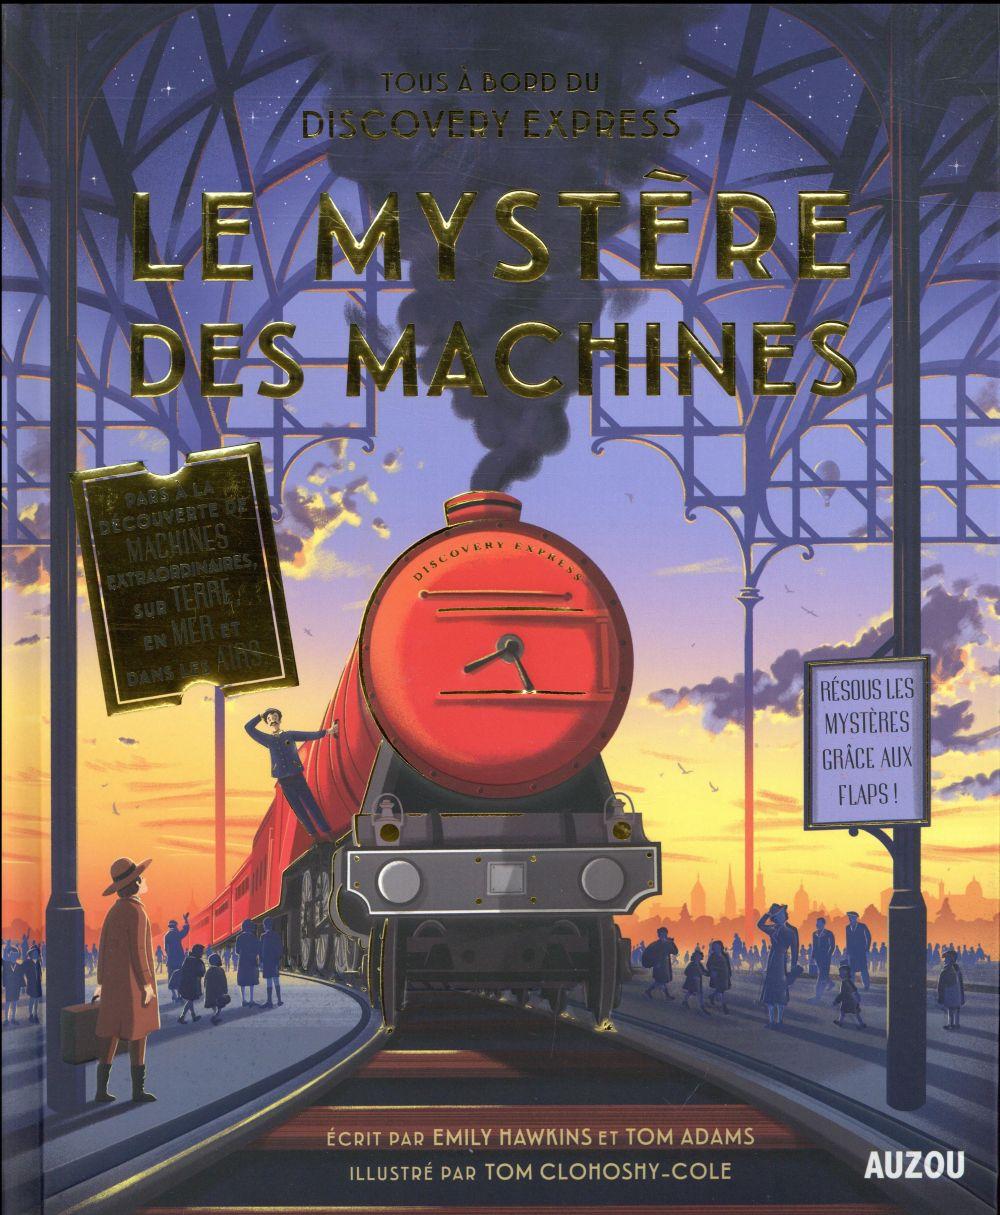 LE MYSTERE DES MACHINES - TOUS A BORD DU DISCOVERY EXPRESS